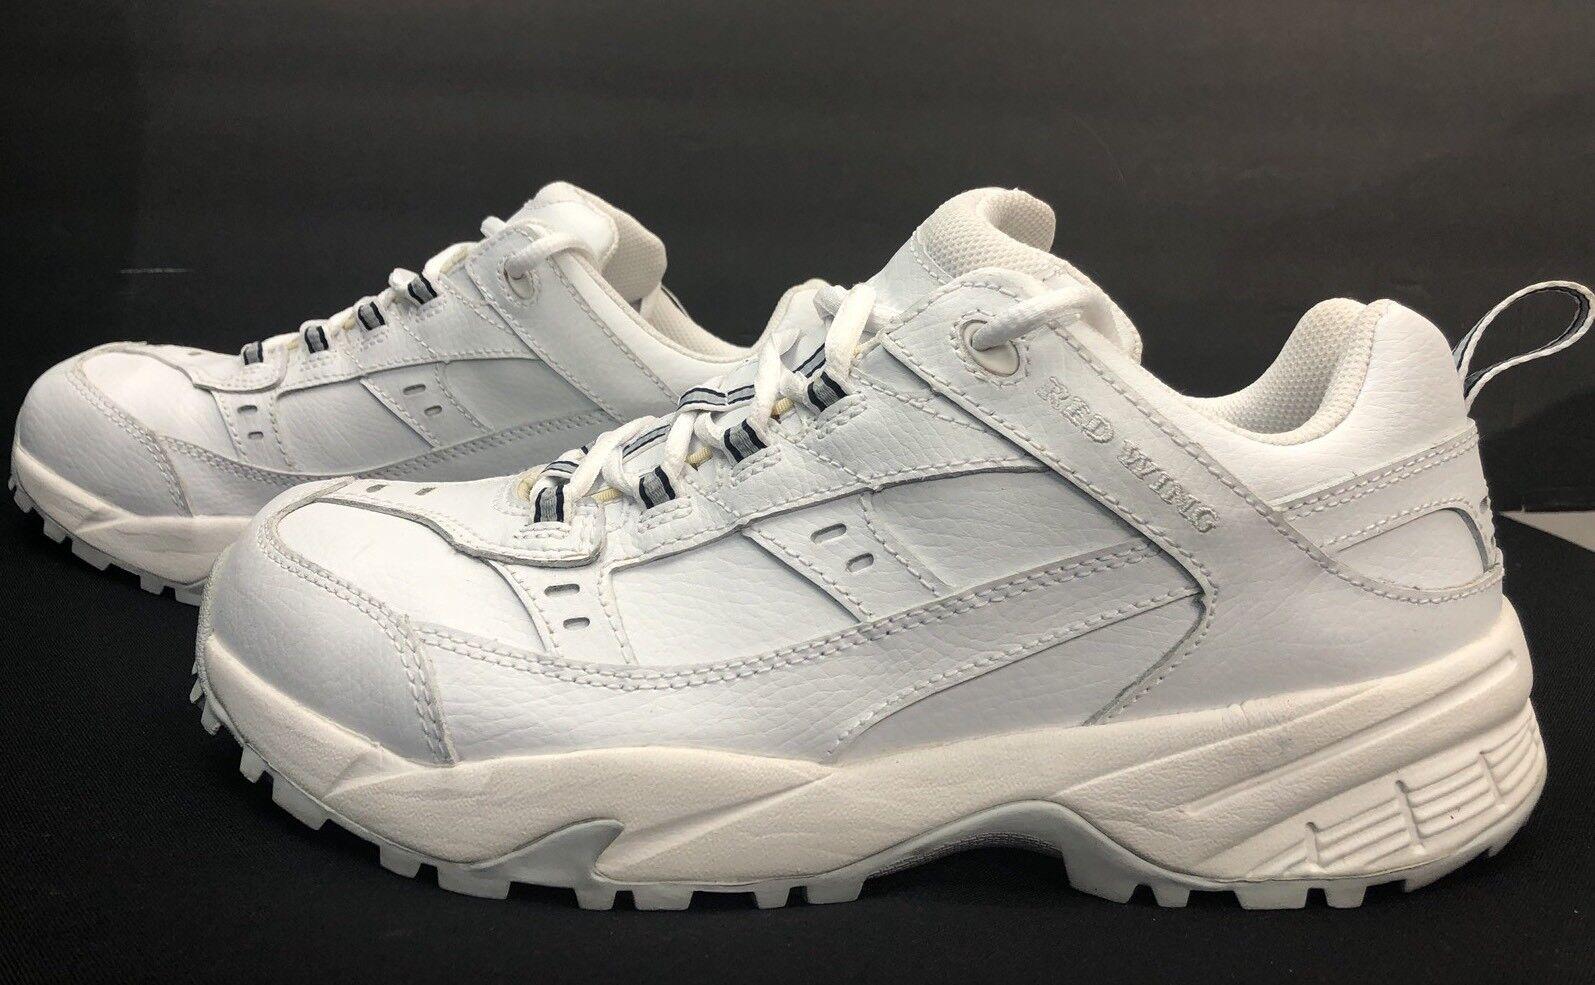 rojo Wing blancoo Trabajo Zapatillas para mujer mujer mujer zapatos de riesgo eléctrico (EH) US 10 B  Web oficial